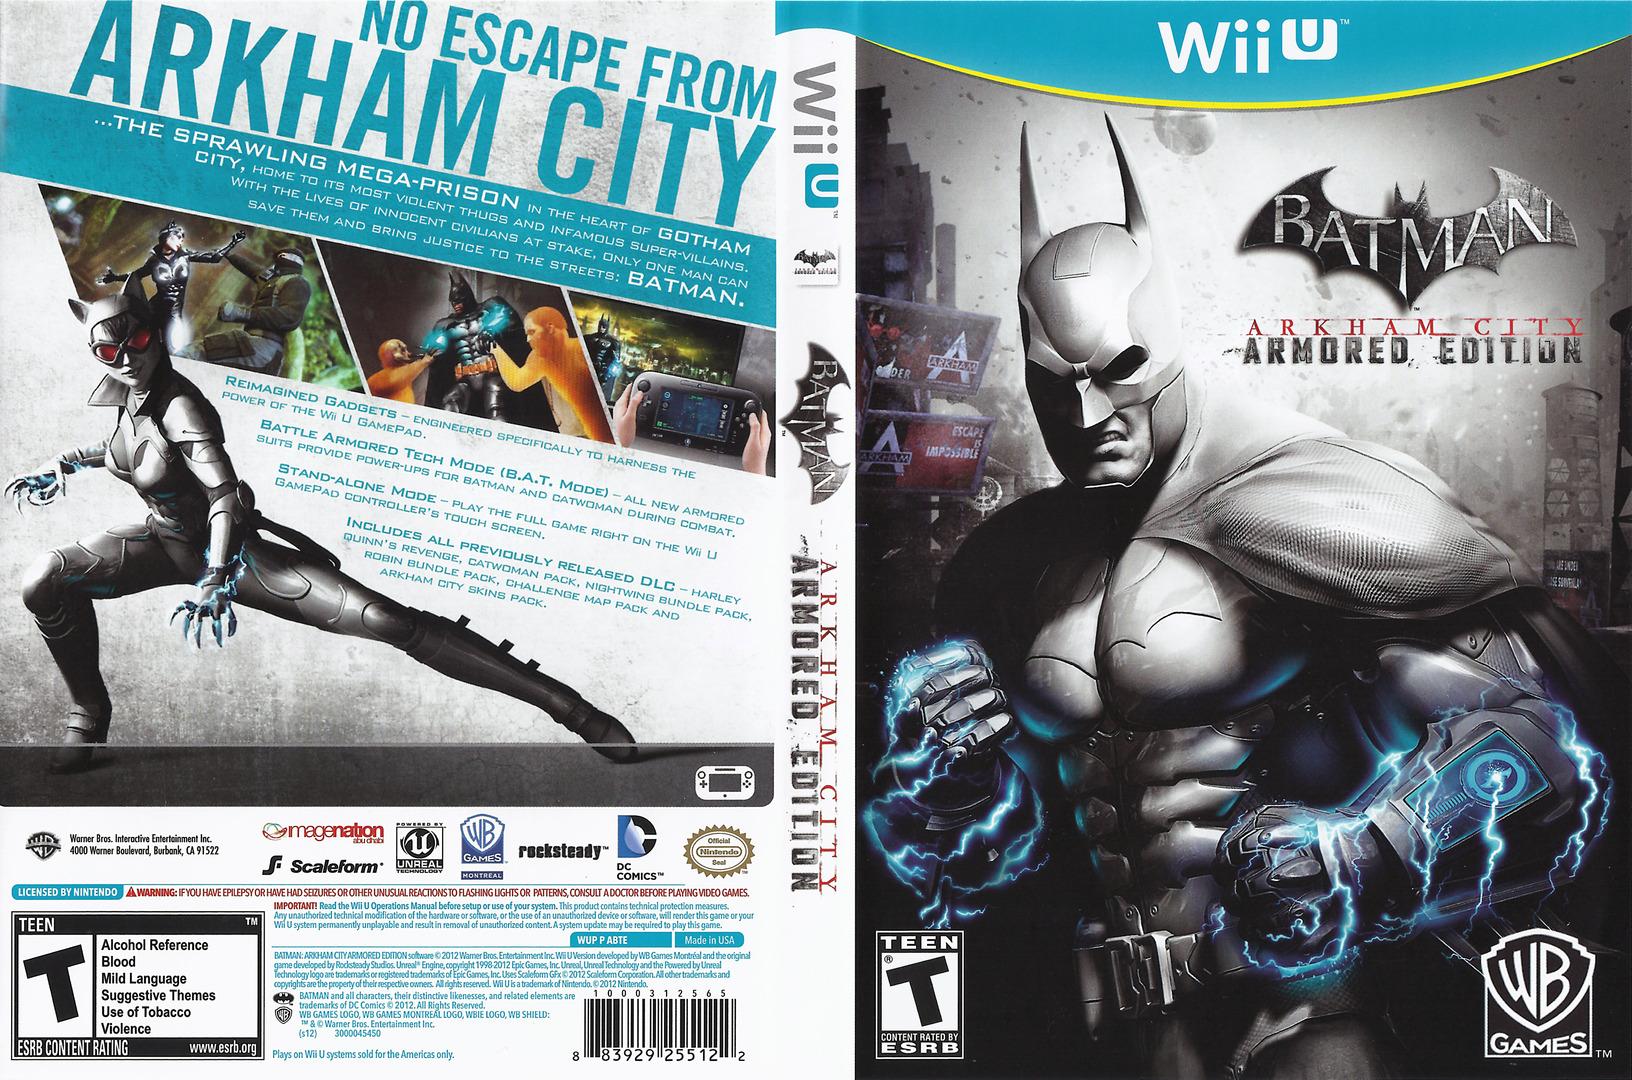 Batman Arkham City: Armored Edition WiiU coverfullHQ (ABTEWR)